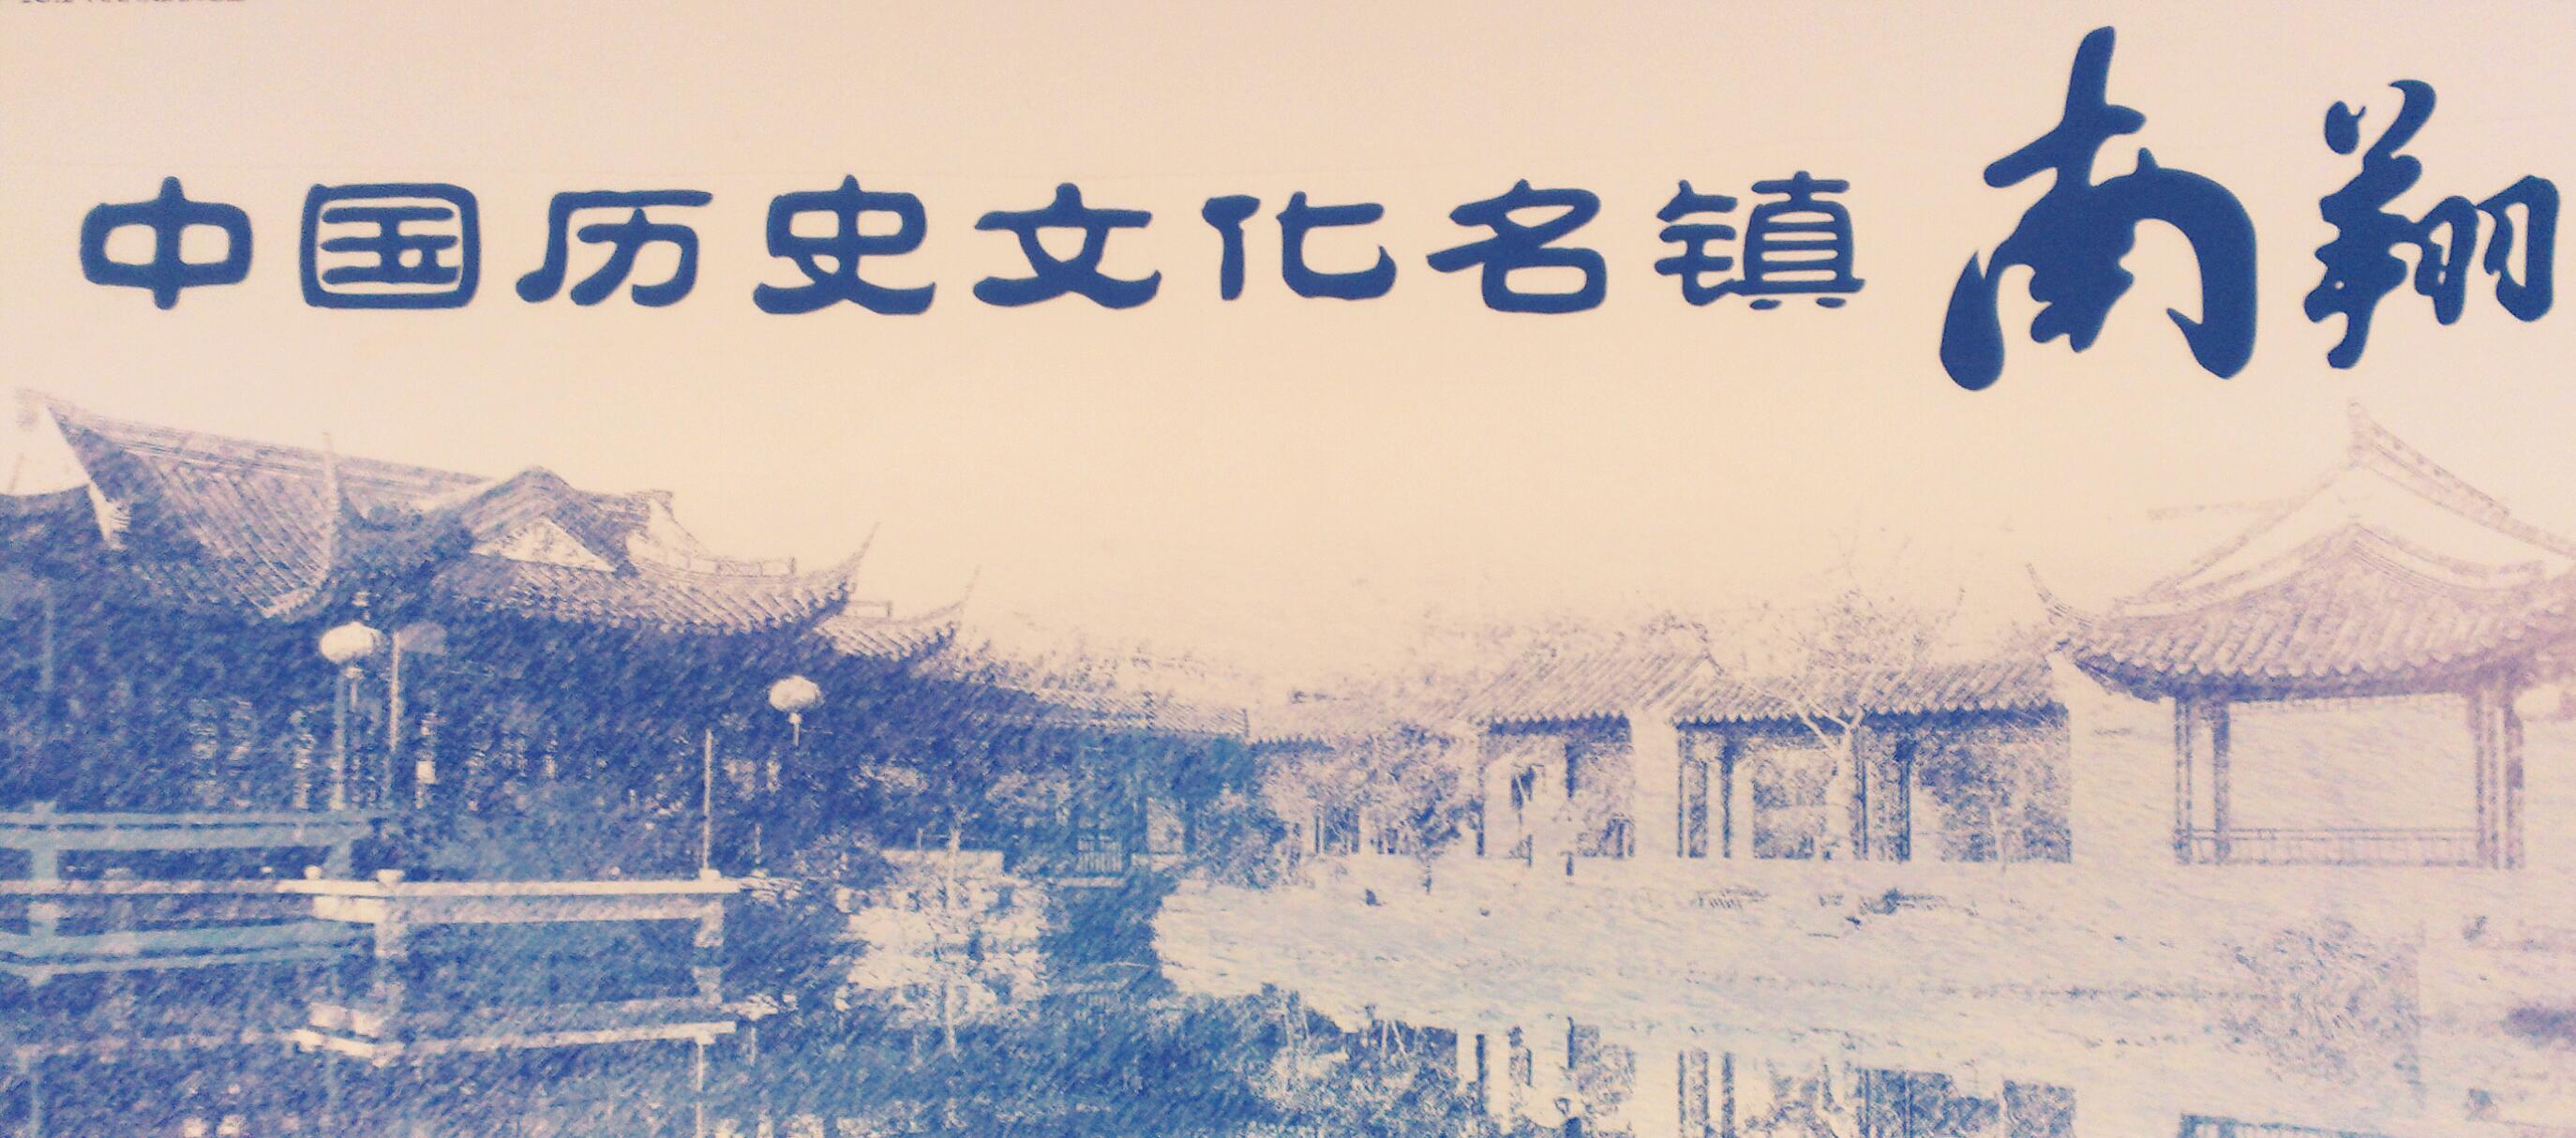 中国歴史文化名鎮南翔